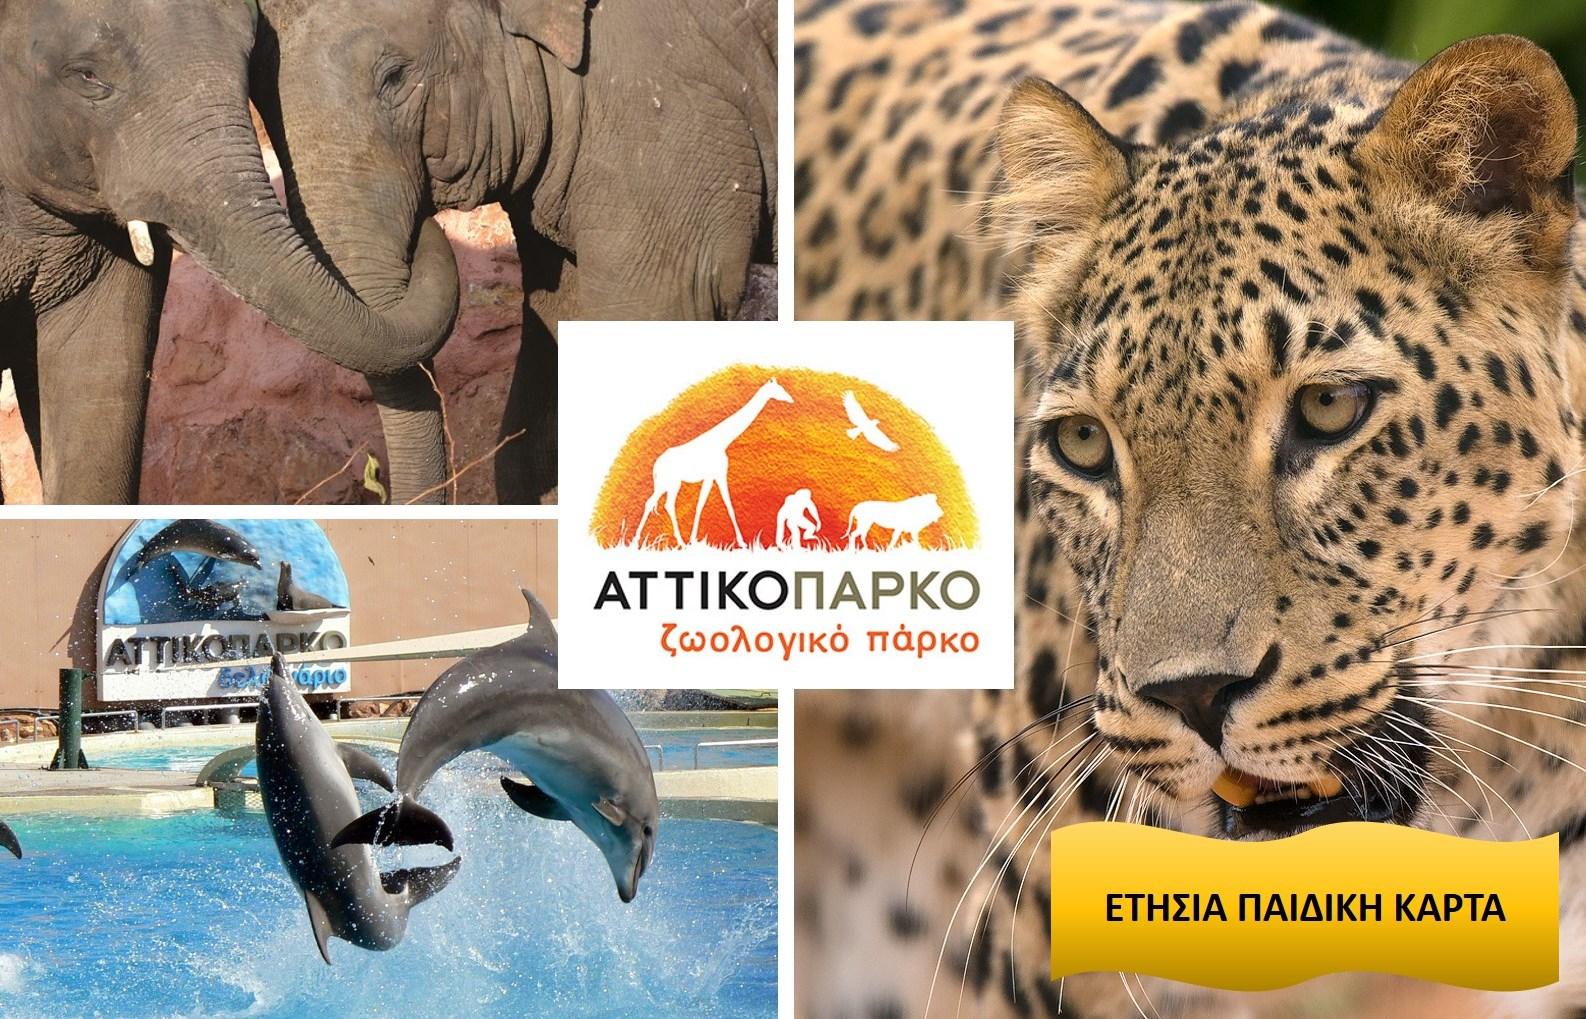 31€ από 39€ για Ετήσια Παιδική Κάρτα (συμπεριλαμβάνεται η εκπαιδευτική παρουσίαση των δελφινιών), στο ''Αττικό Ζωολογικό Πάρκο'' στα Σπάτα εικόνα